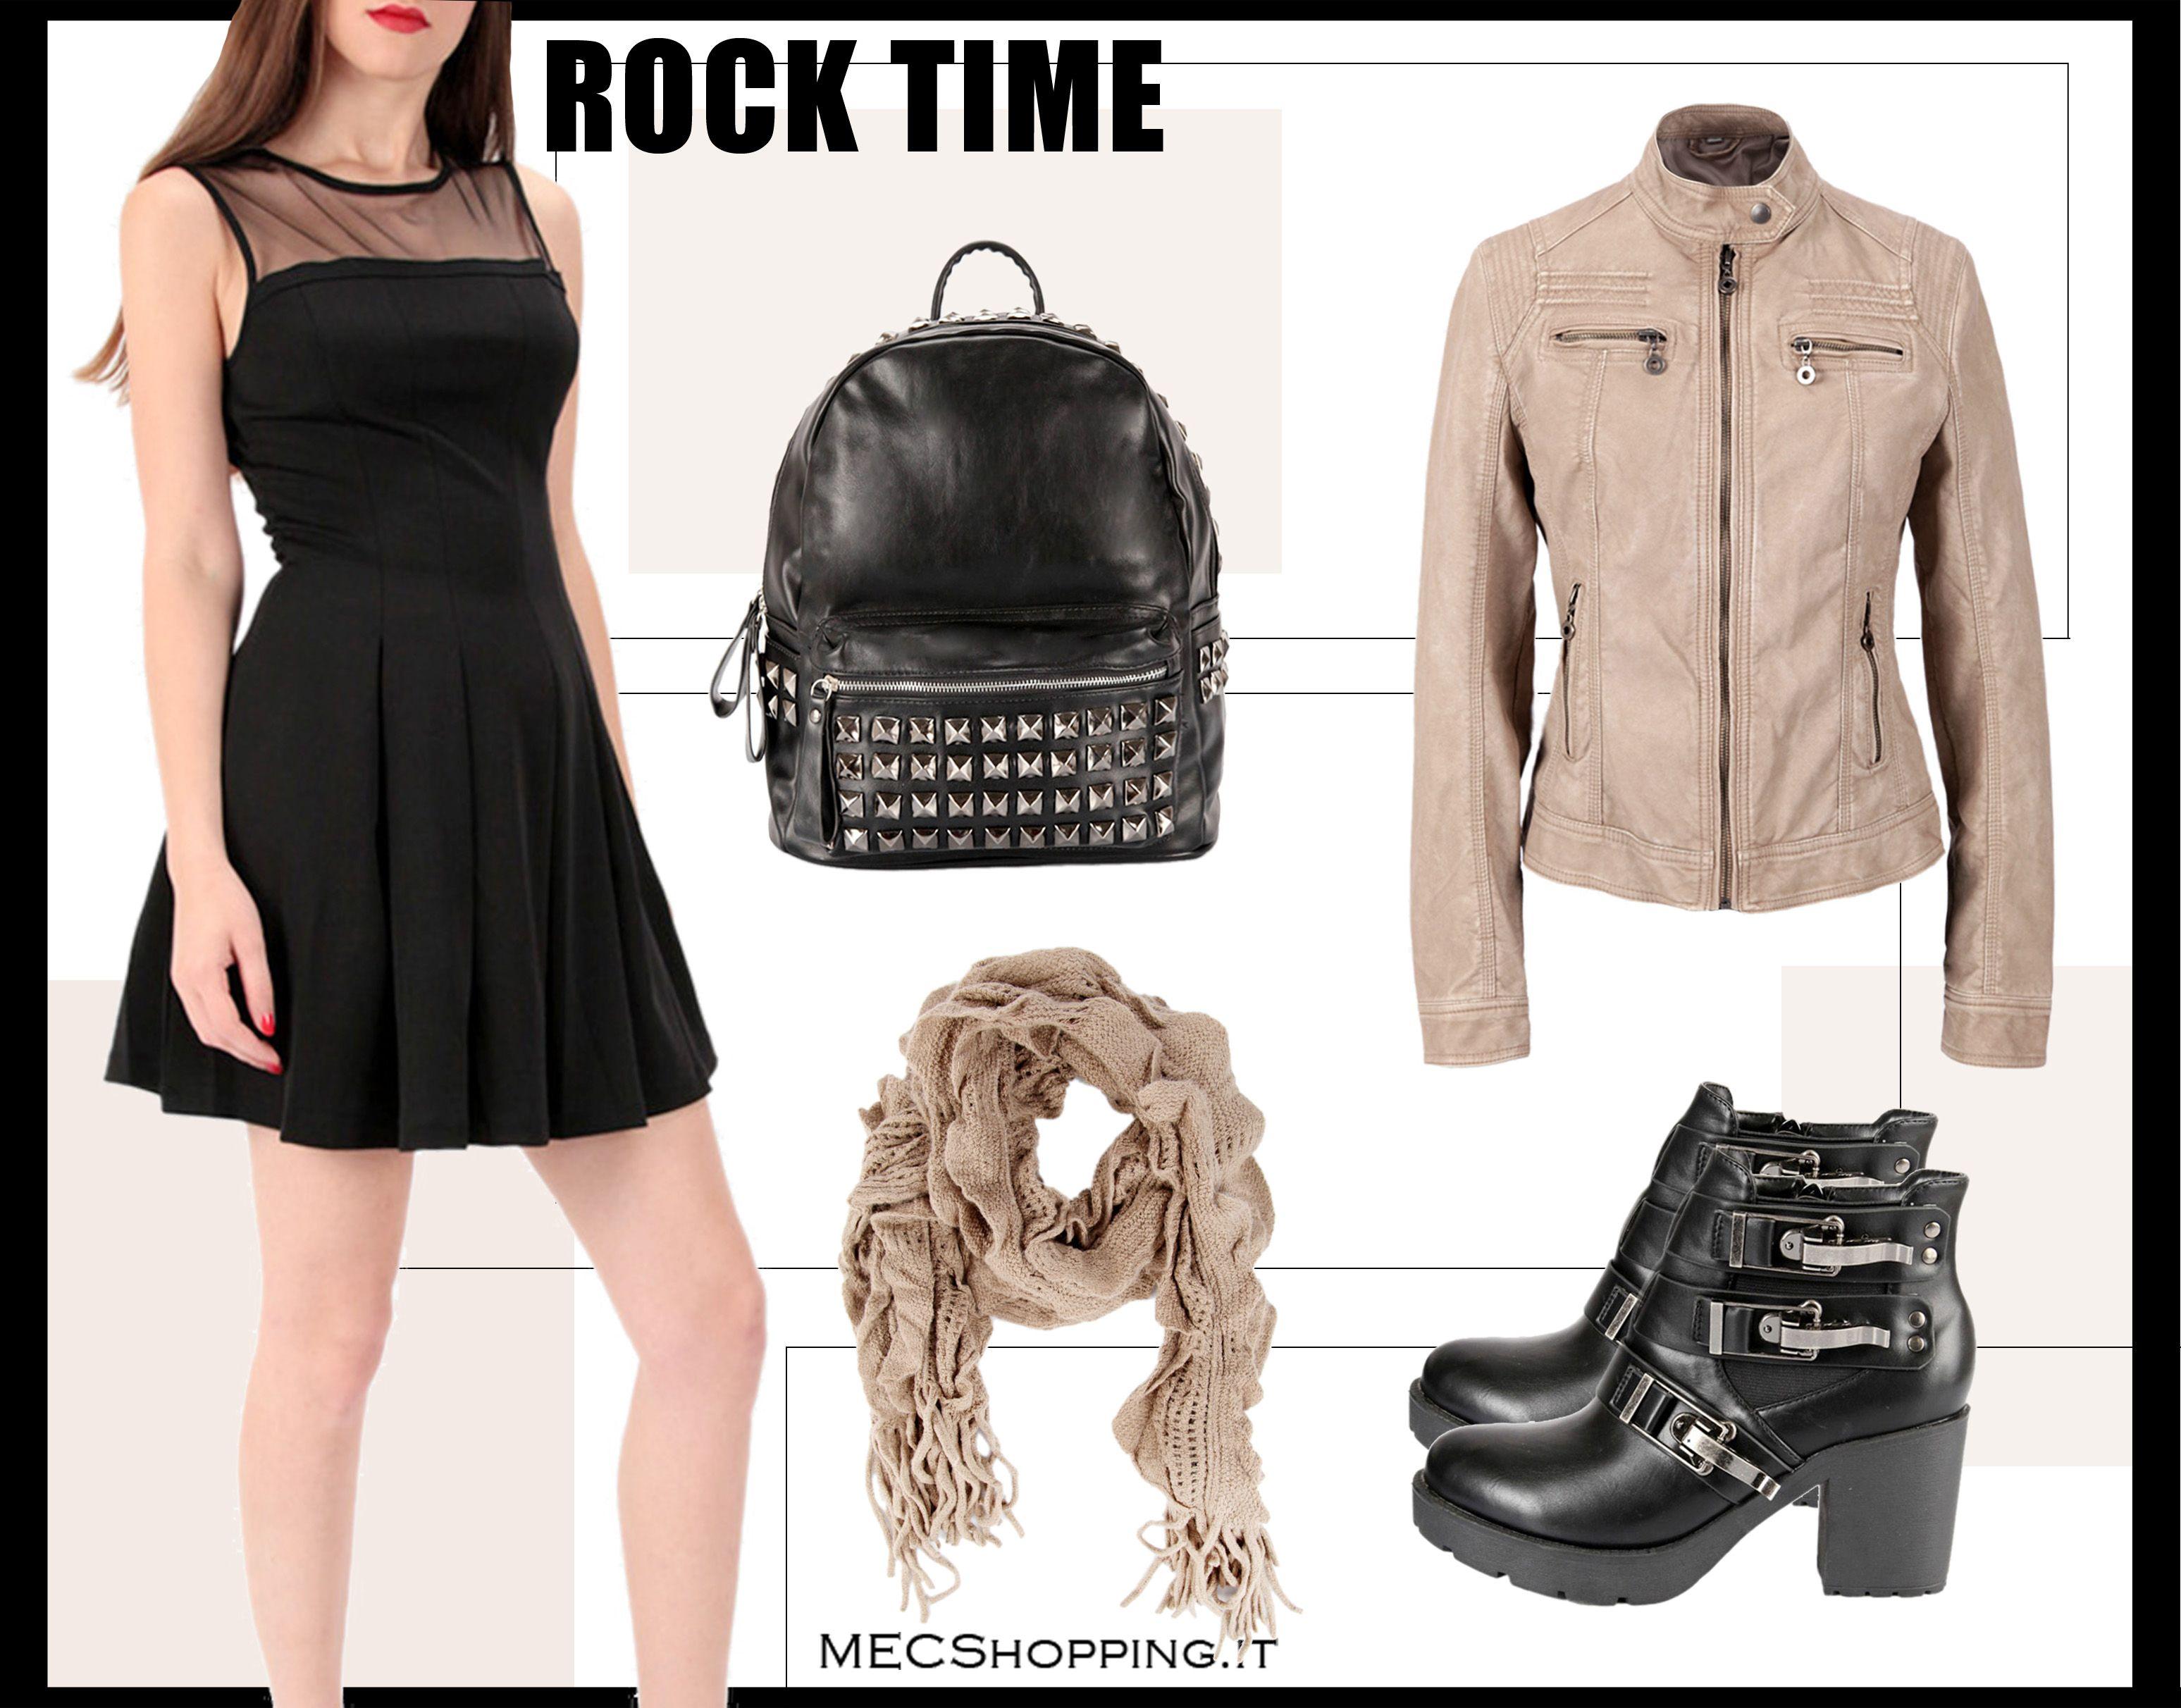 Rock time di MEC!  Vestito: http://www.mecshopping.it/shop/donna/abiti-vestiti/vestito-34678.html  Giacca:http://www.mecshopping.it/shop/donna/giacche-e-coprispalle/giacca-34284.html